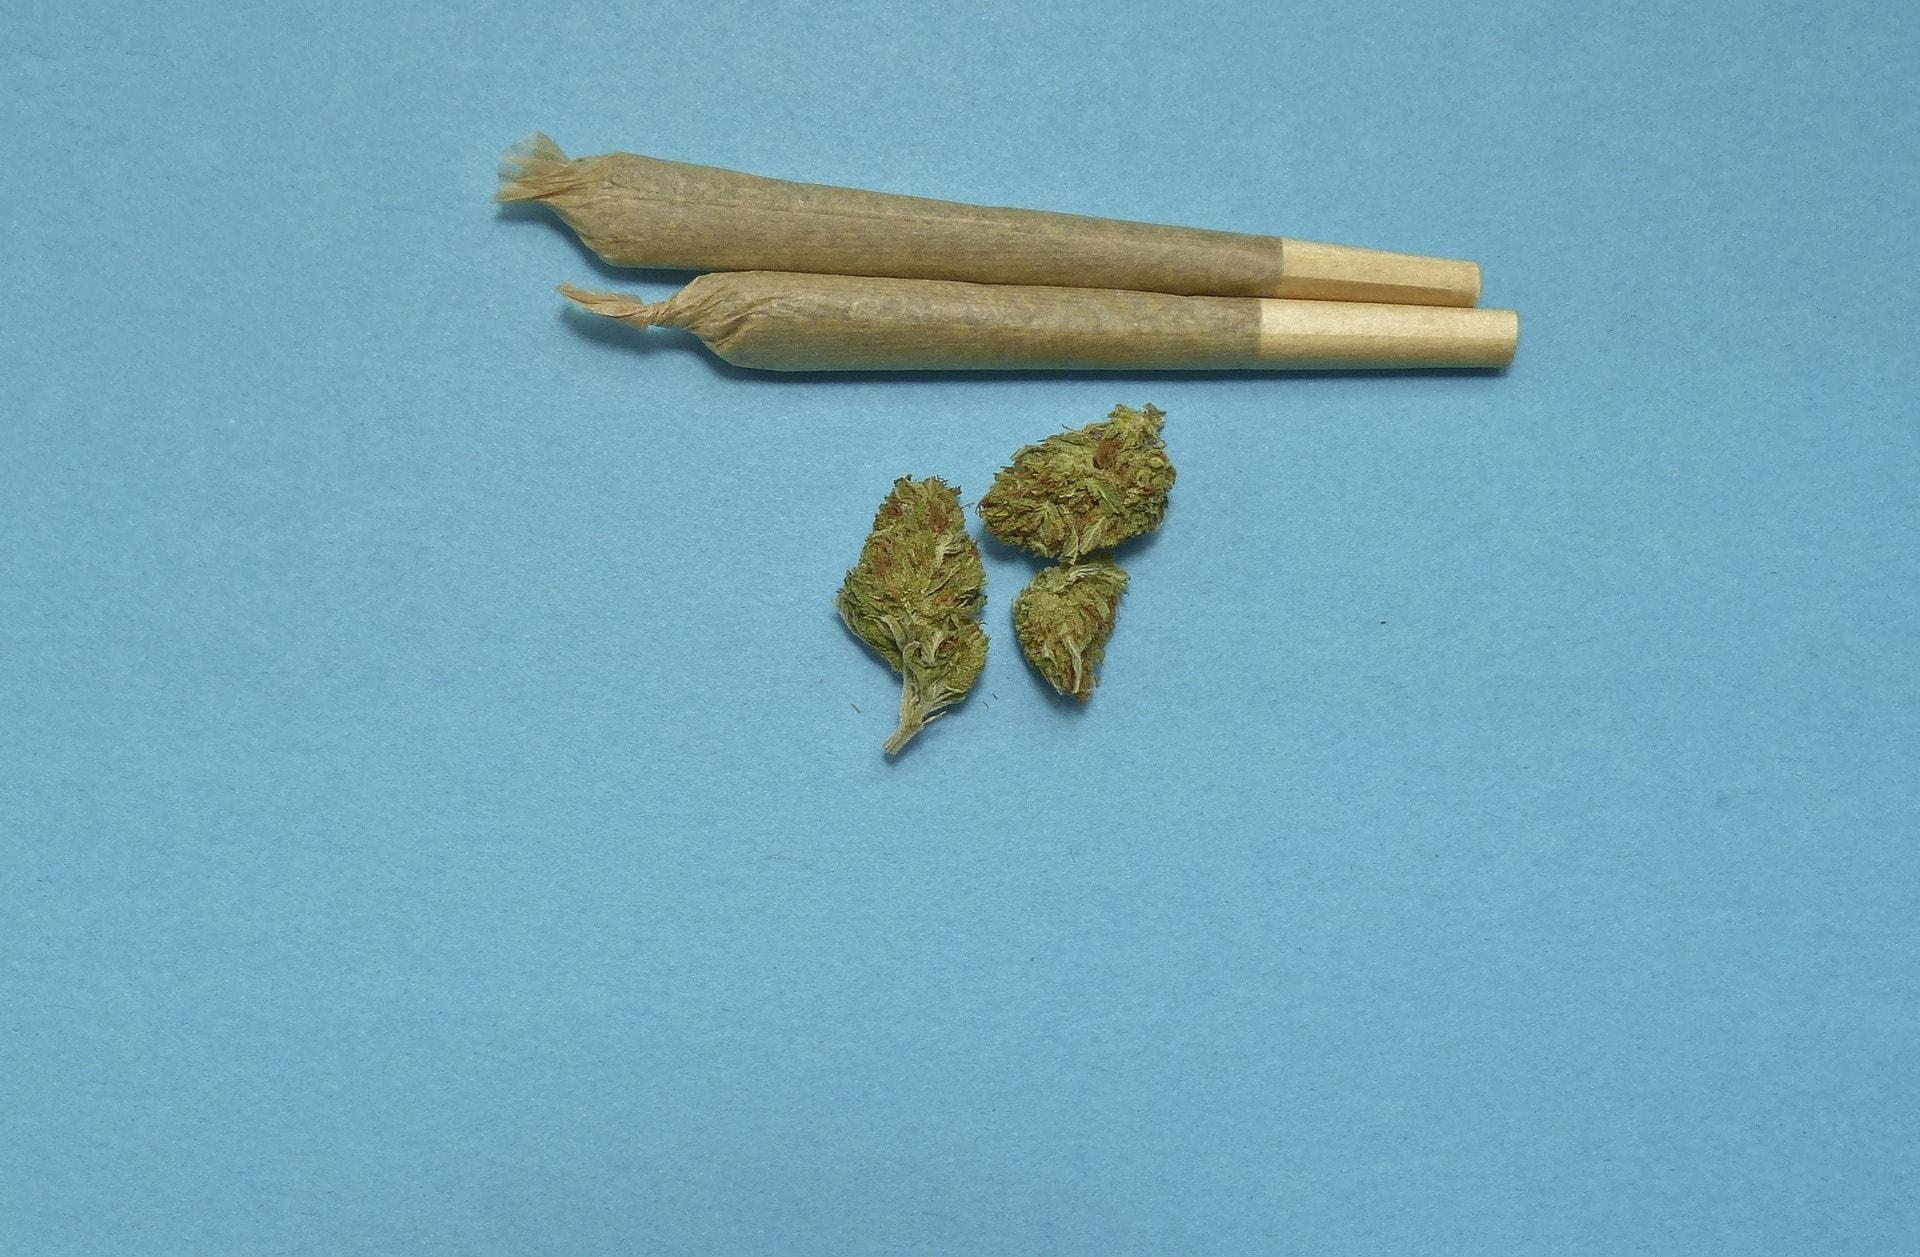 wie dreht man einen joint?